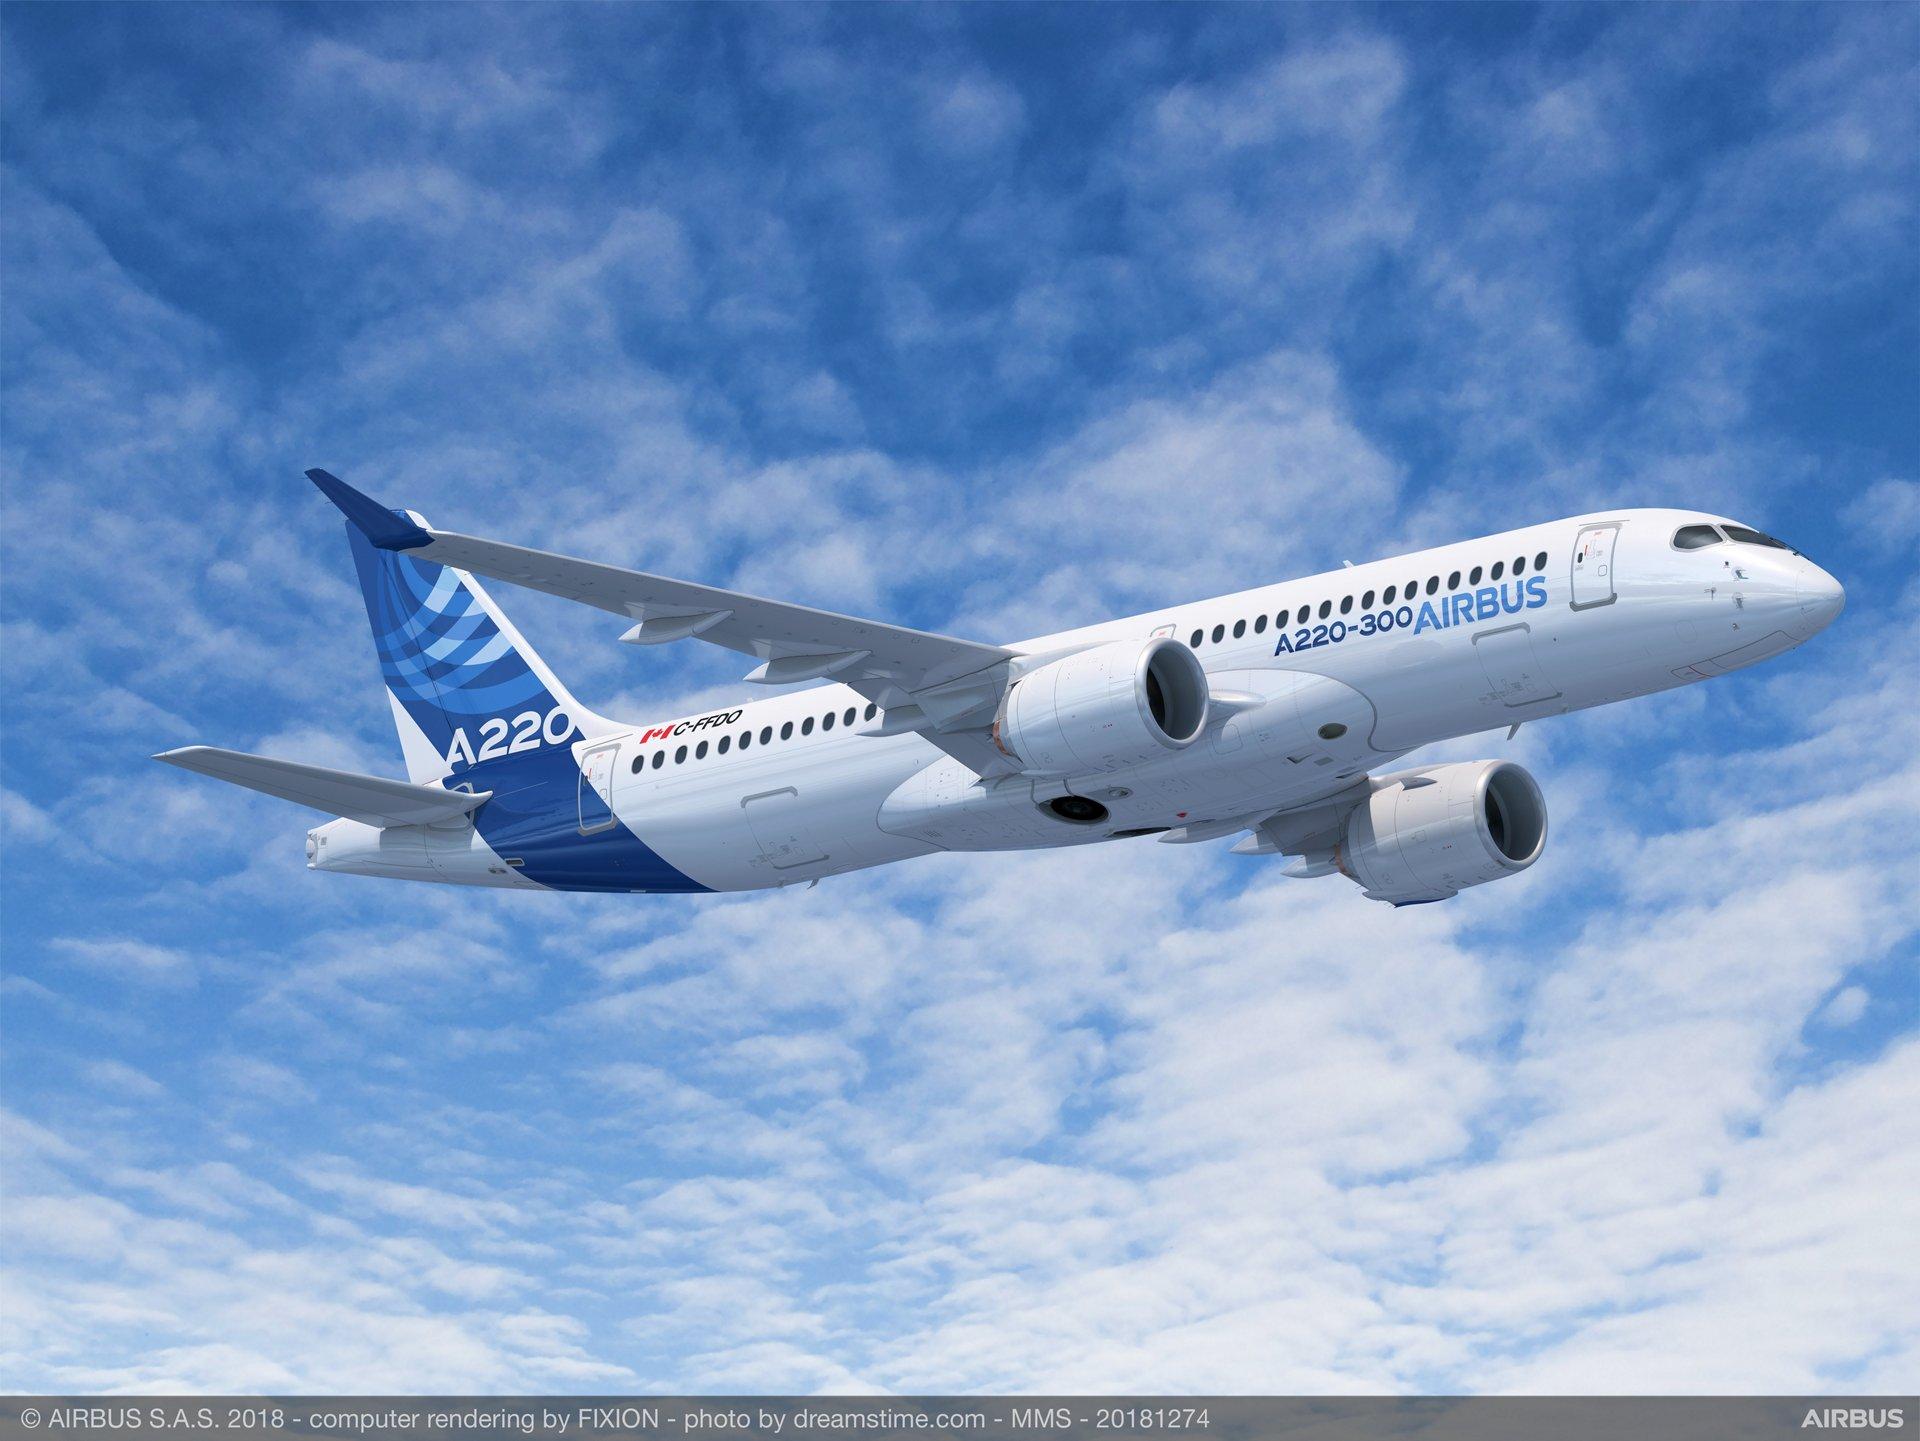 Desserte aérienne : En Nouvelle-Calédonie, Airbus fait la promotion de son A220